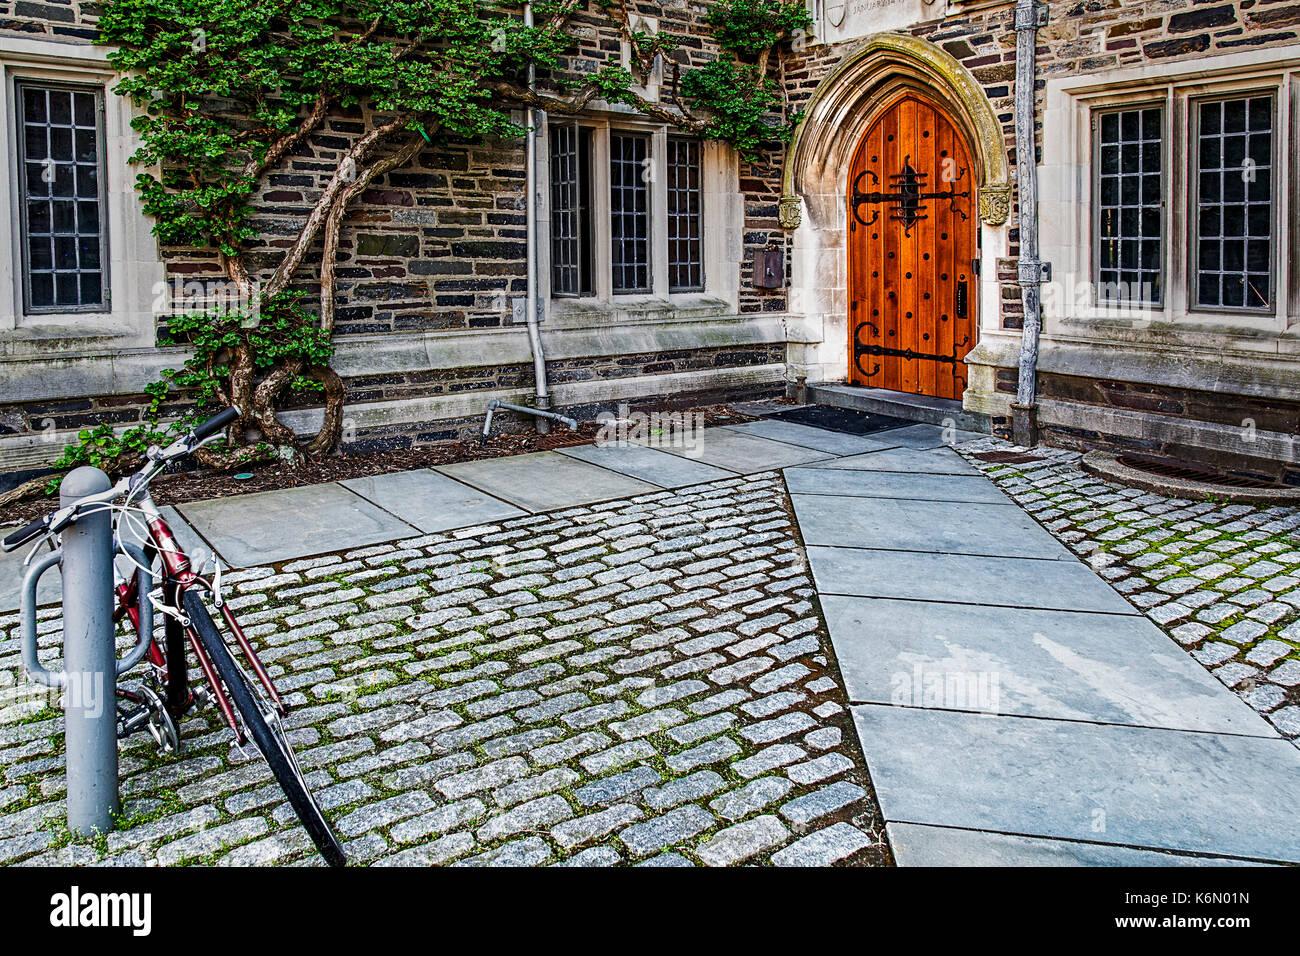 Universidad de Princeton foulke hall - la entrada de la puerta de madera para la construcción de residencias en la colegiata gótica estilo princeton ivy league univers Imagen De Stock